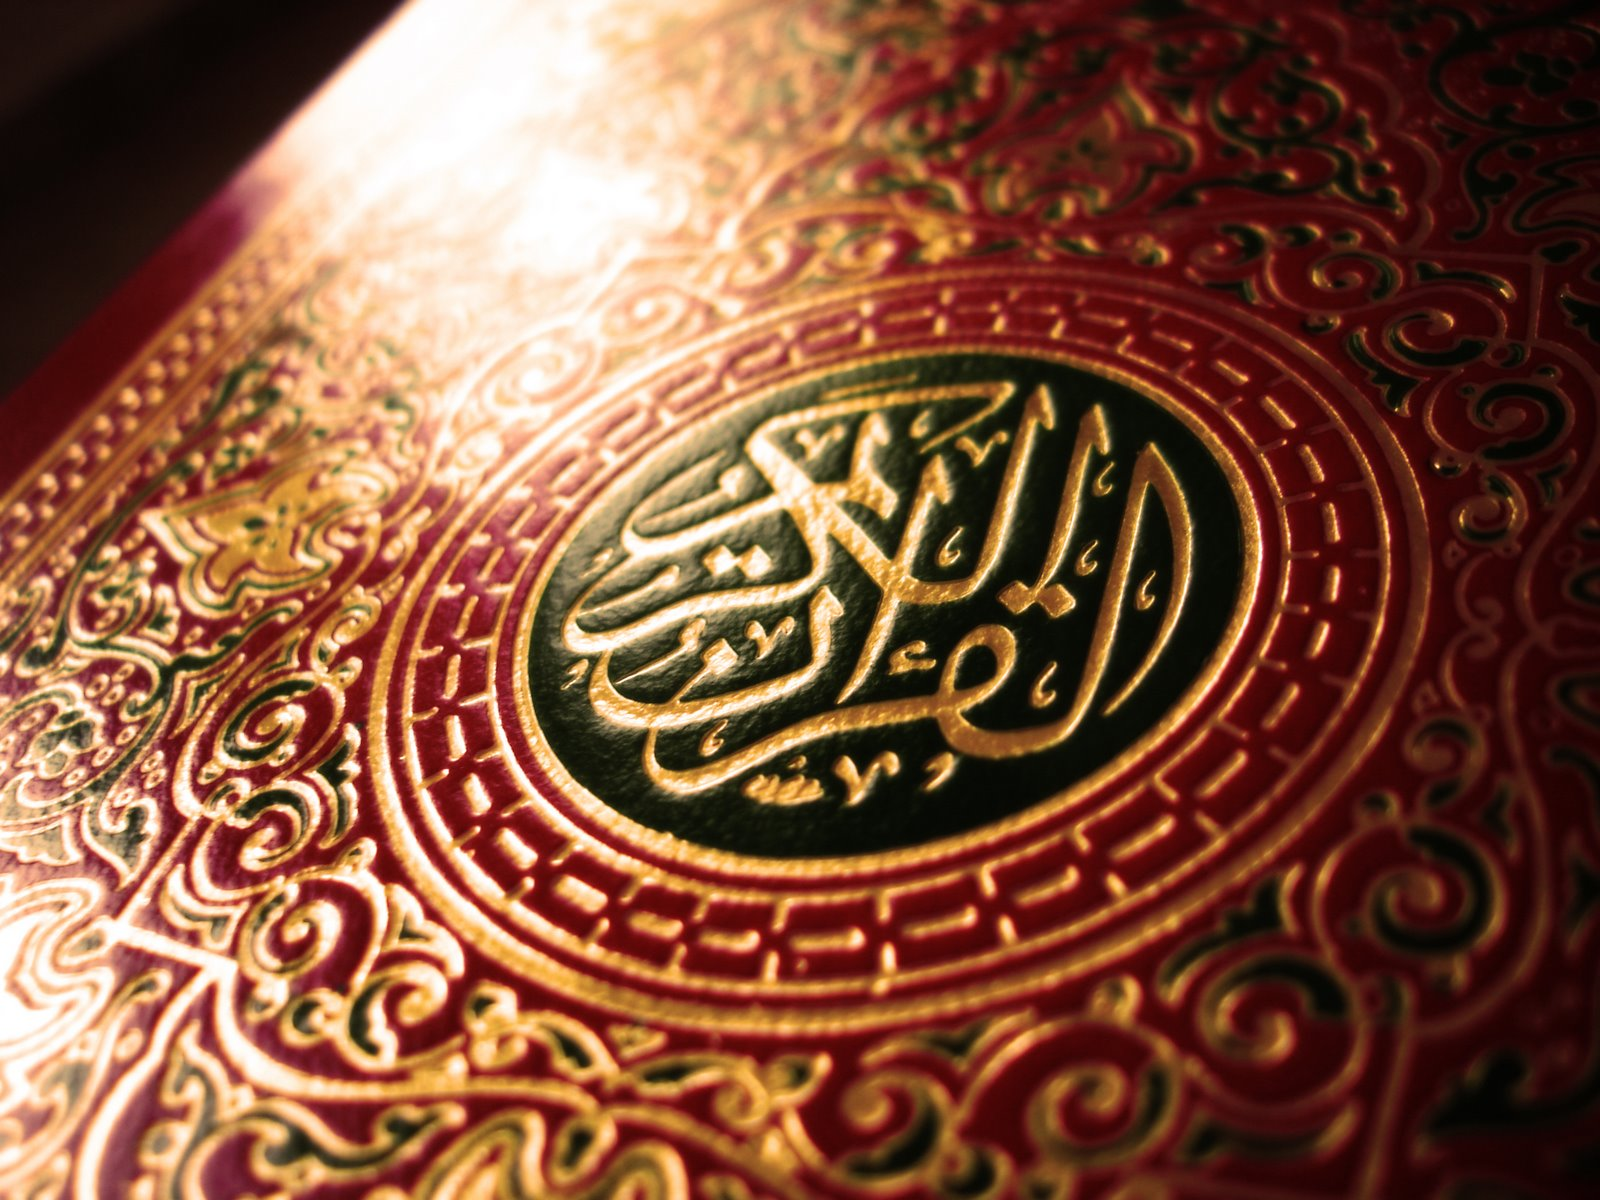 إنضم الى طاقم مراسلي مجلة العين الثالثة Quran